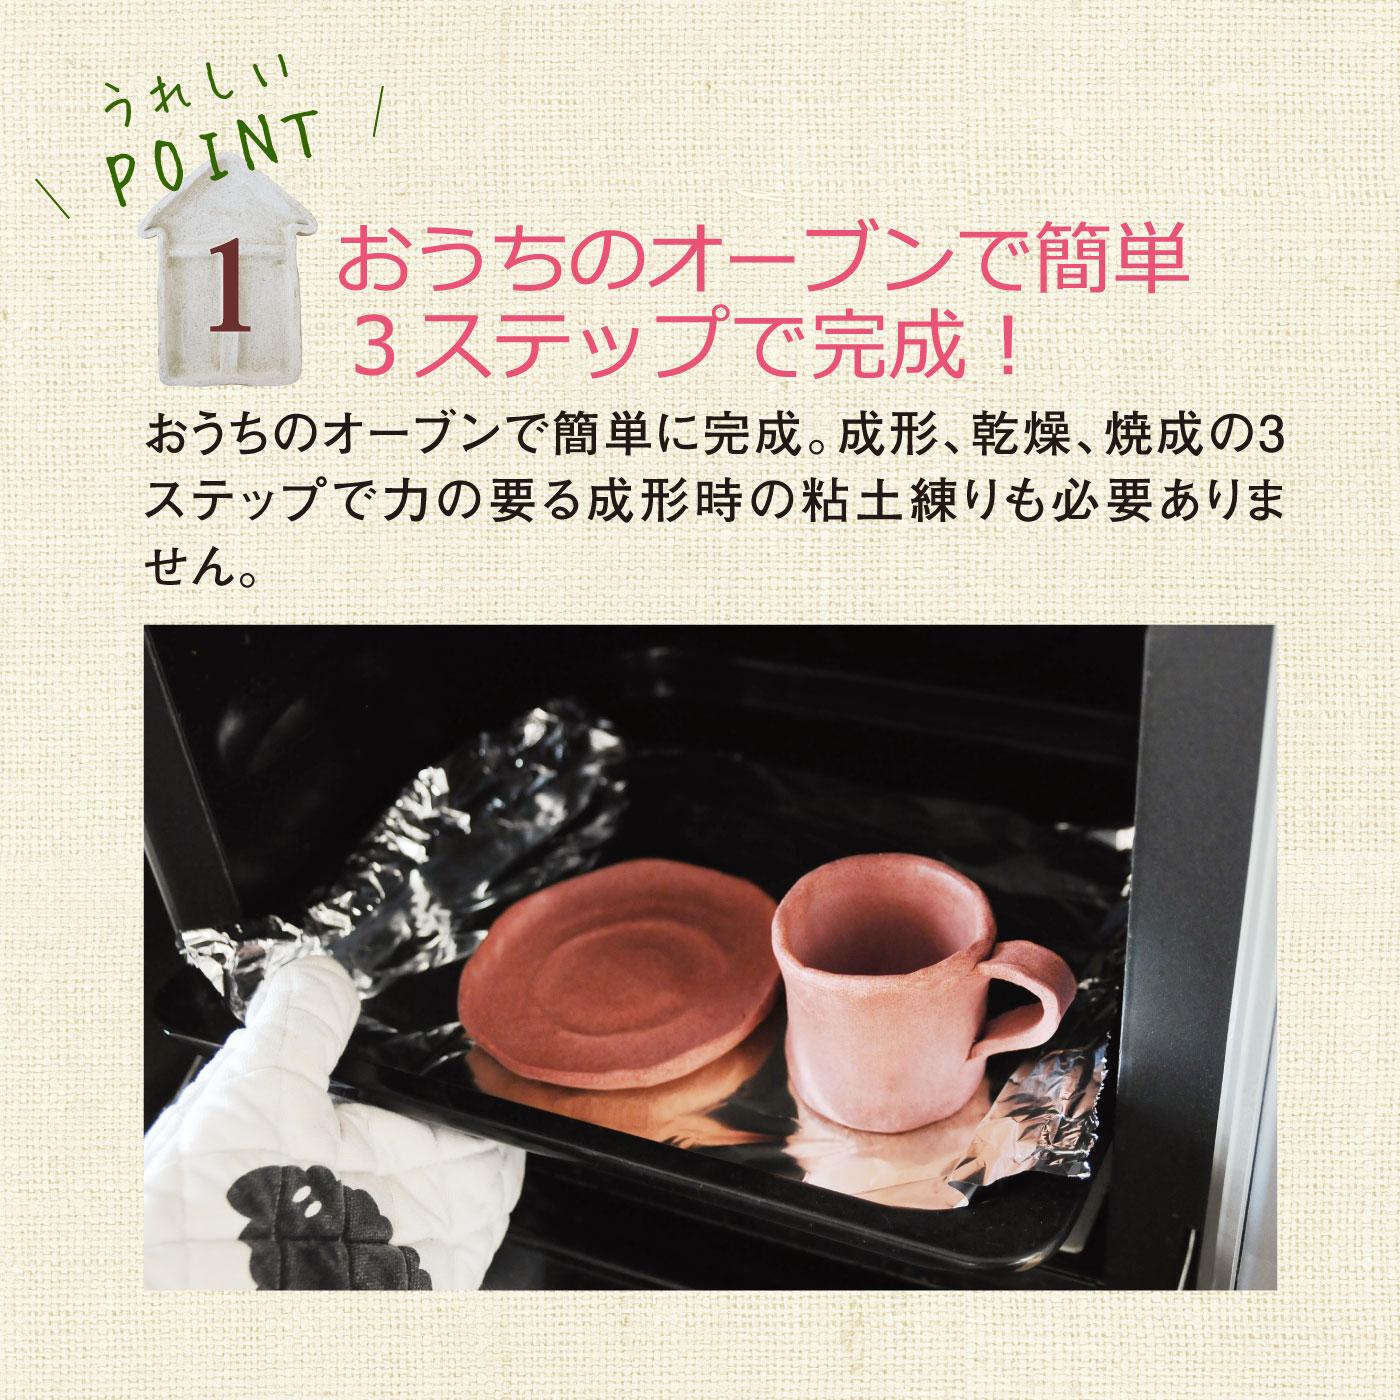 うれしいPOINT1 おうちのオーブンで簡単3ステップで完成!